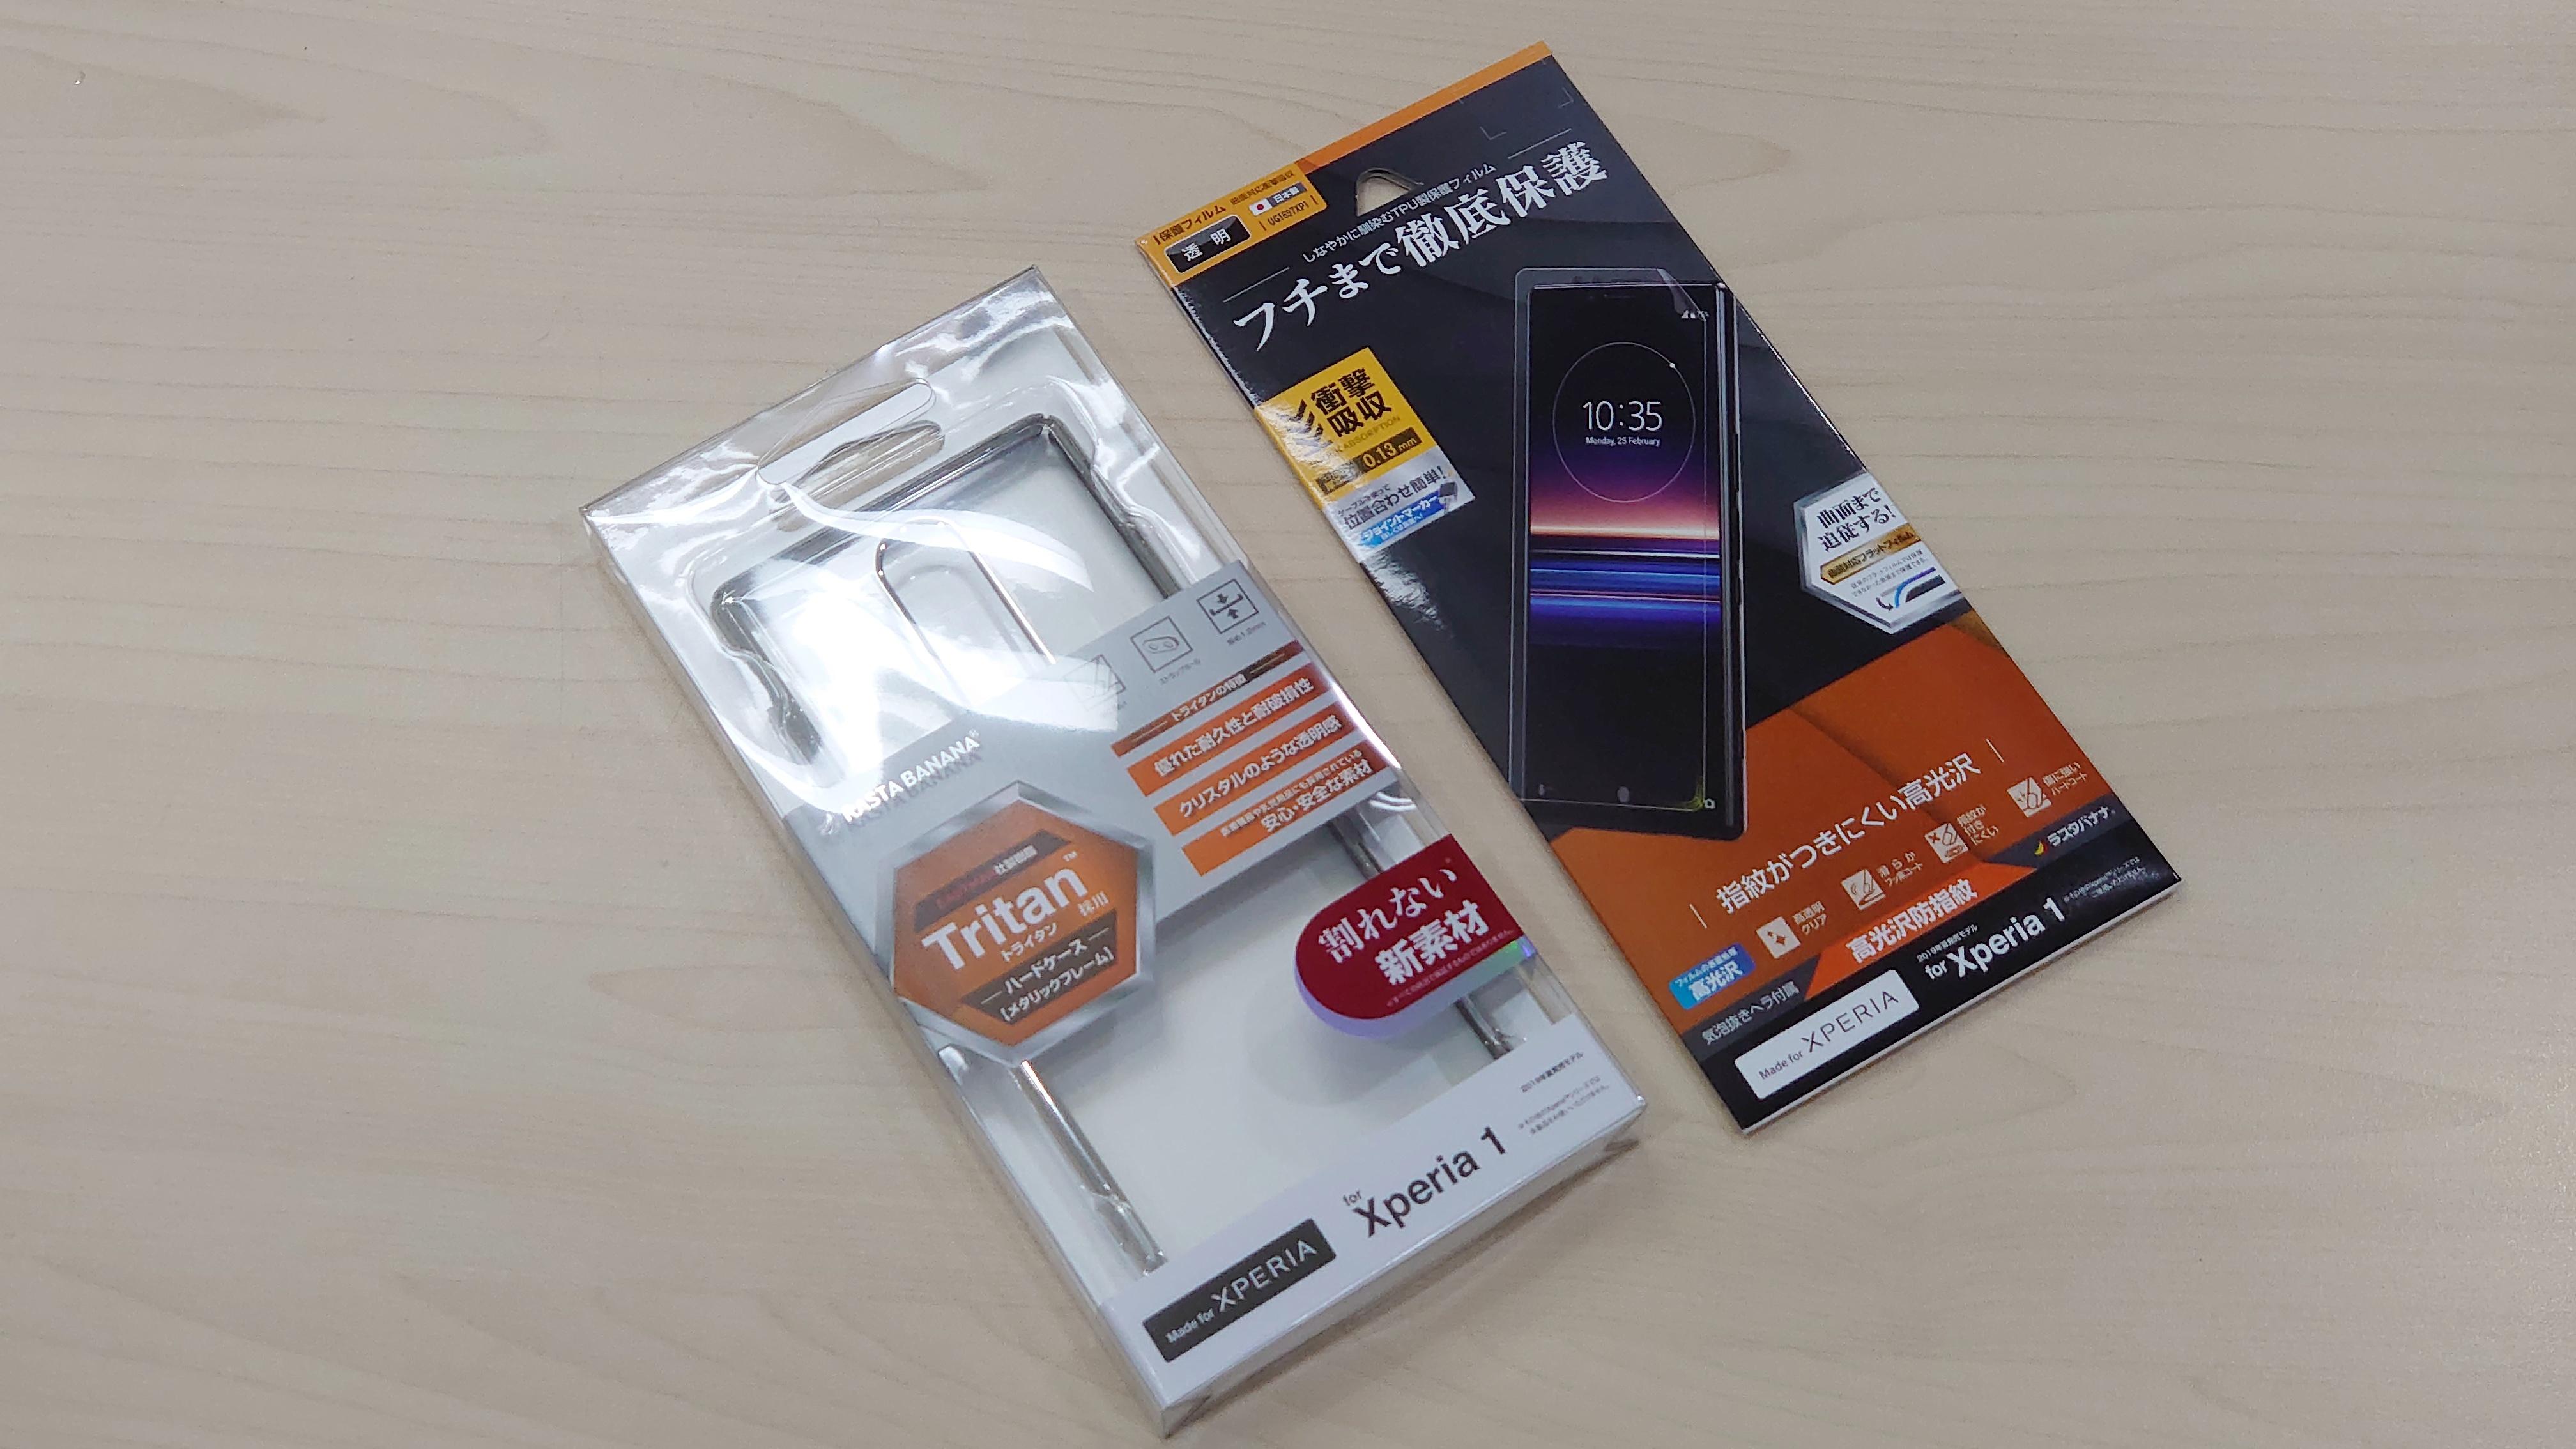 「開箱分享」日系手機配件RASTA BANANA,Xperia 1兼顧美型外觀及手機保護一次滿足 - 2